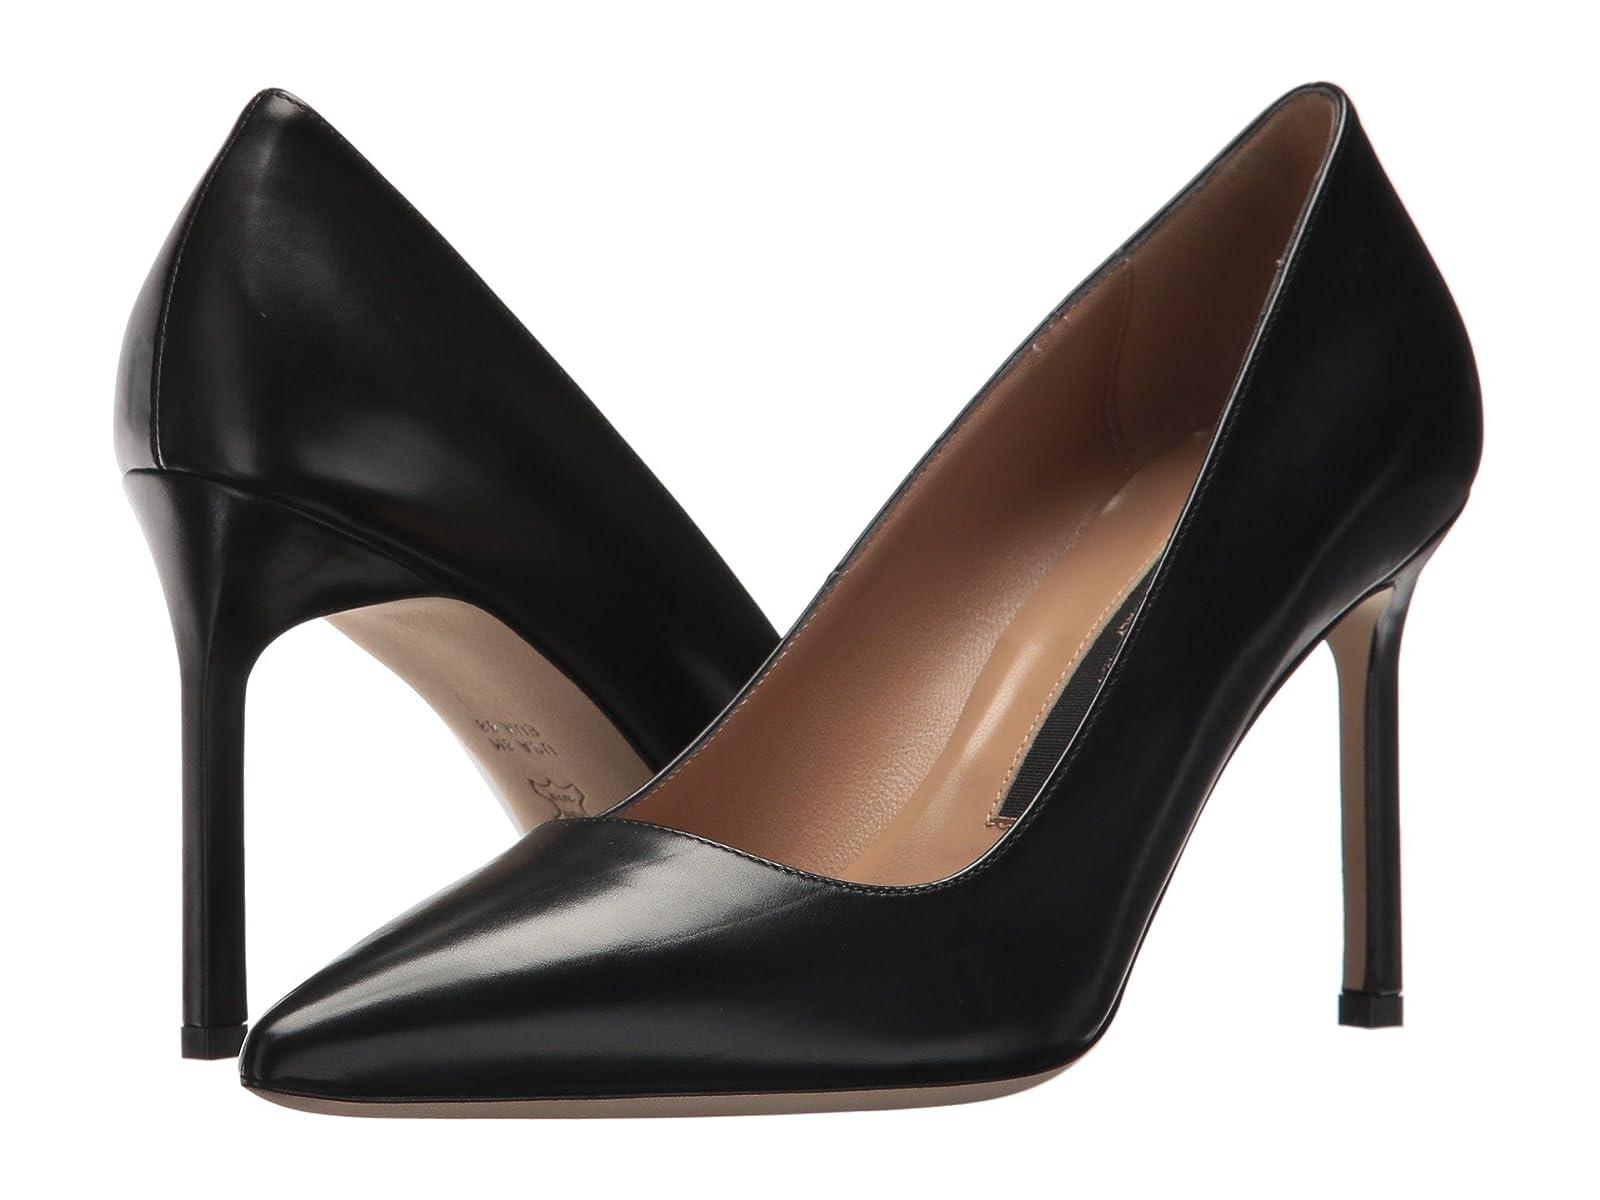 Via Spiga NikoleAtmospheric grades have affordable shoes